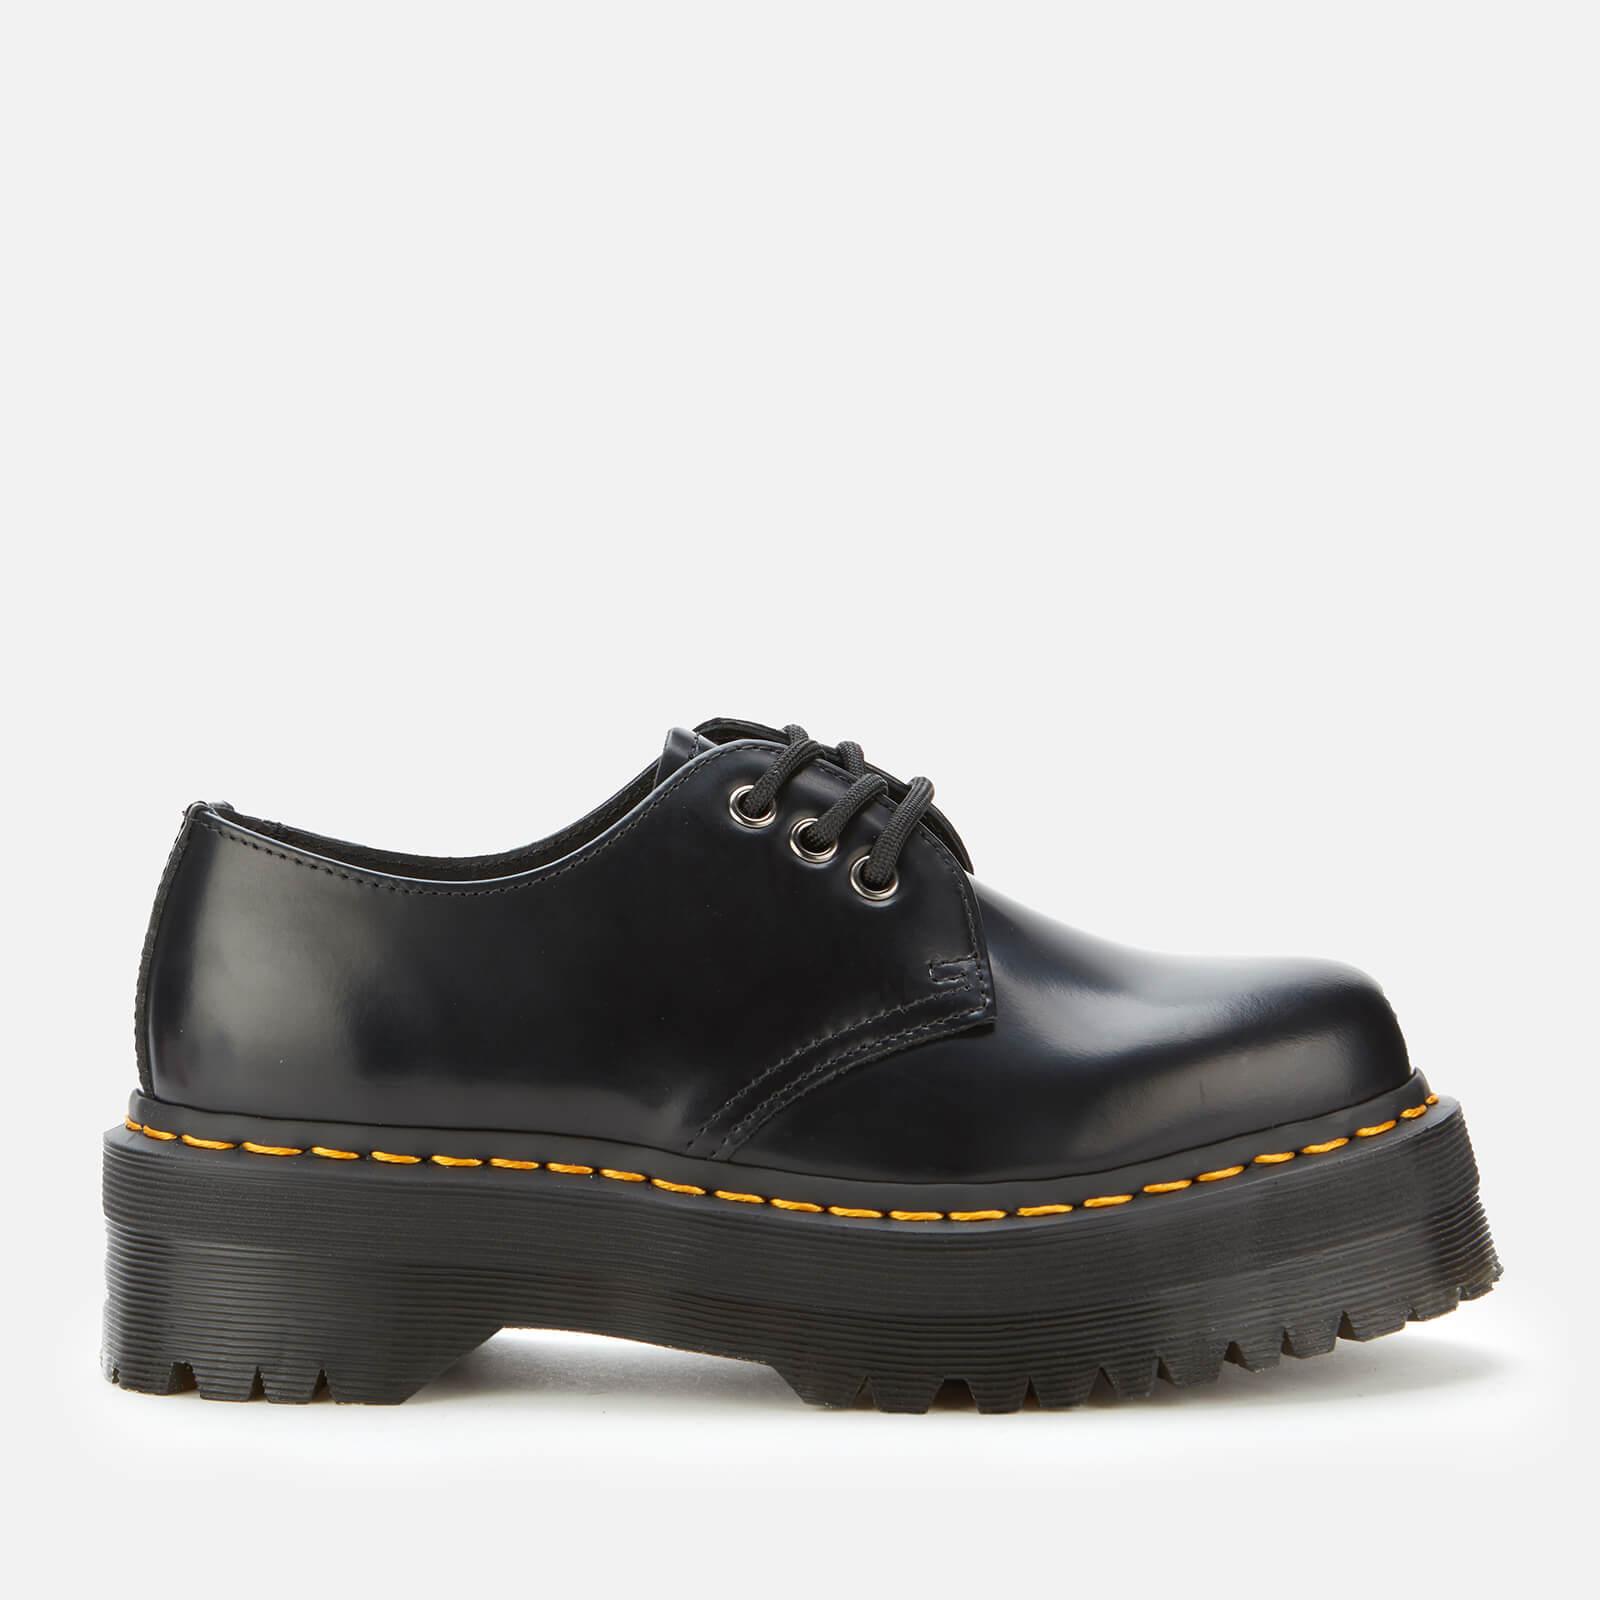 Dr. Martens 1461 Quad 女款厚底低帮马丁靴